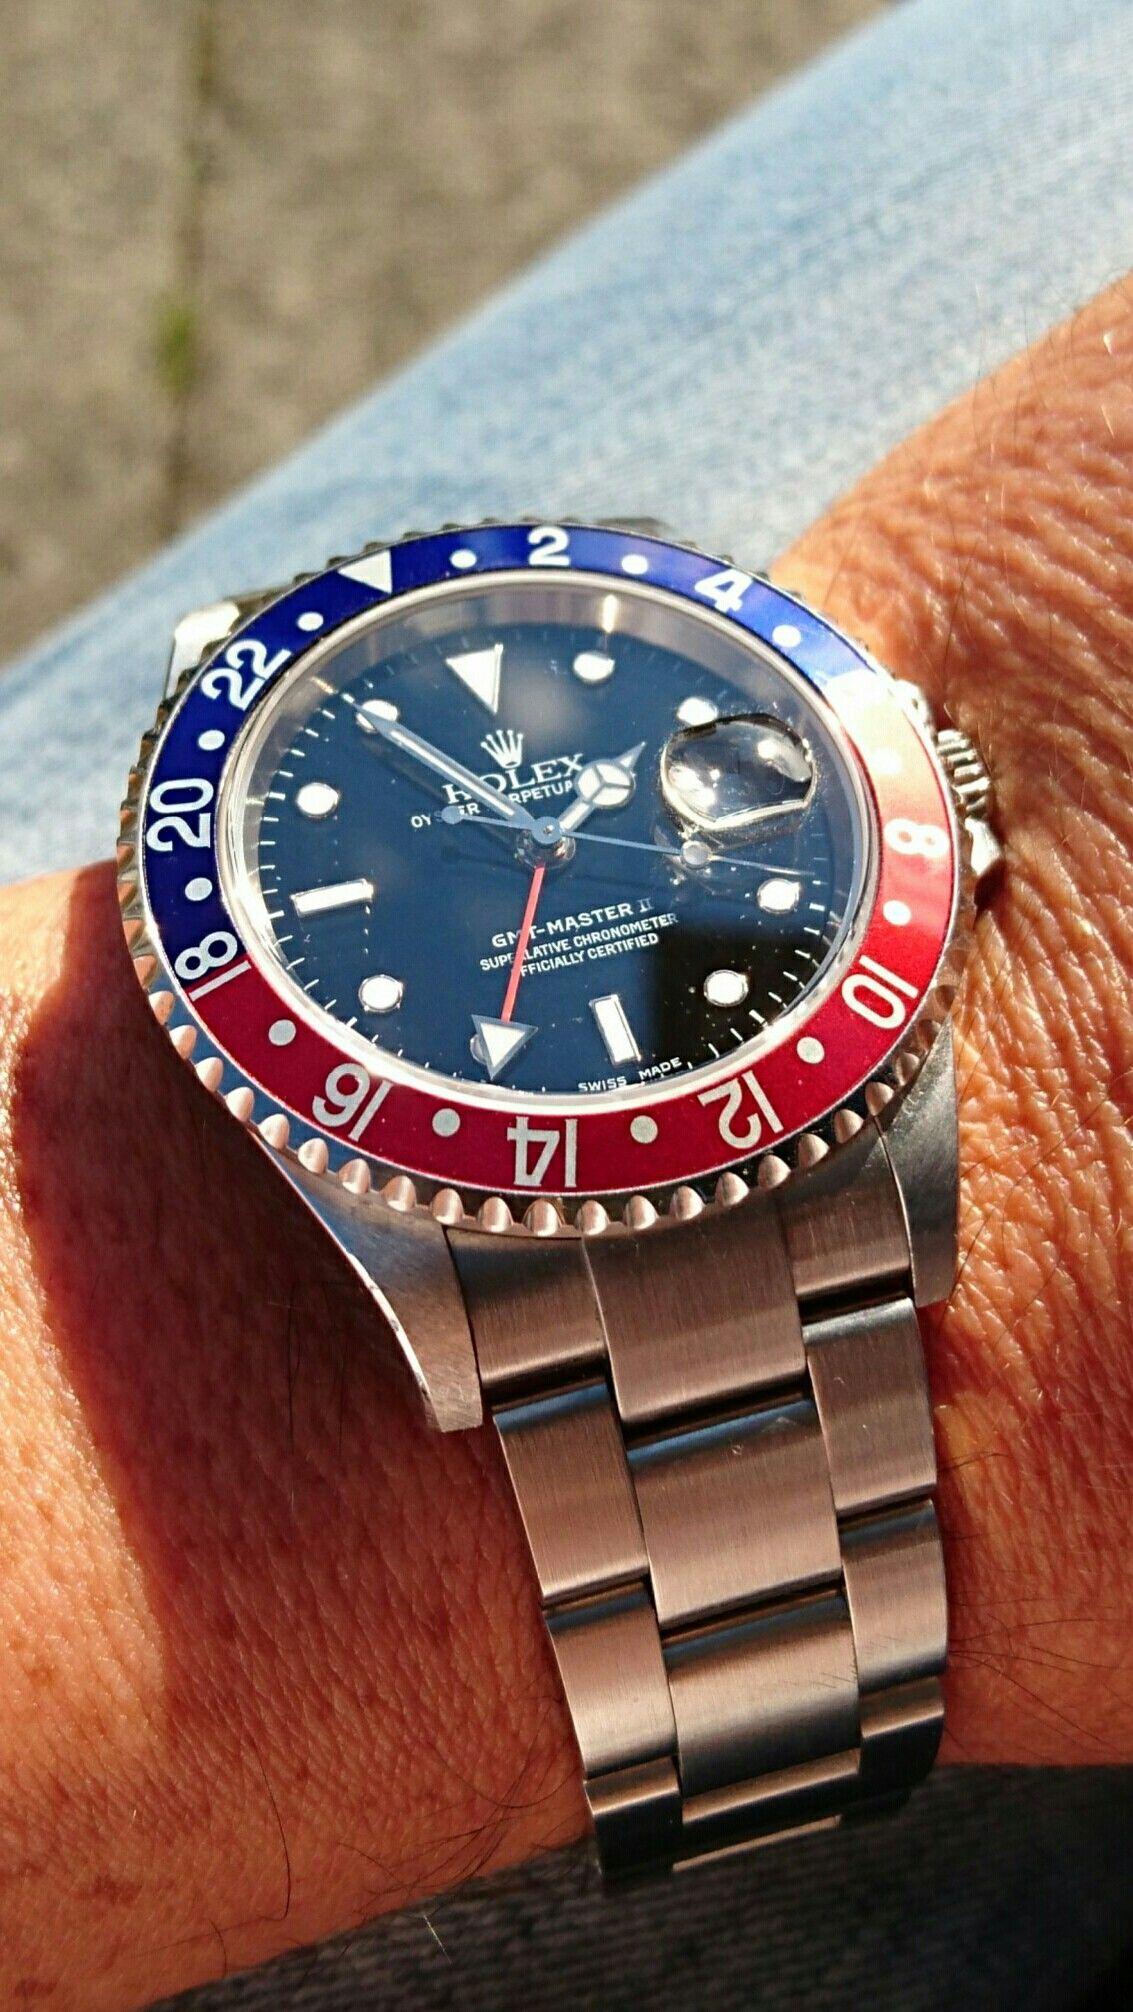 Rolex Gmt Master Ii Pepsi 16710 Rolex Gmt Rolex Gmt Master Ii Rolex Gmt Master